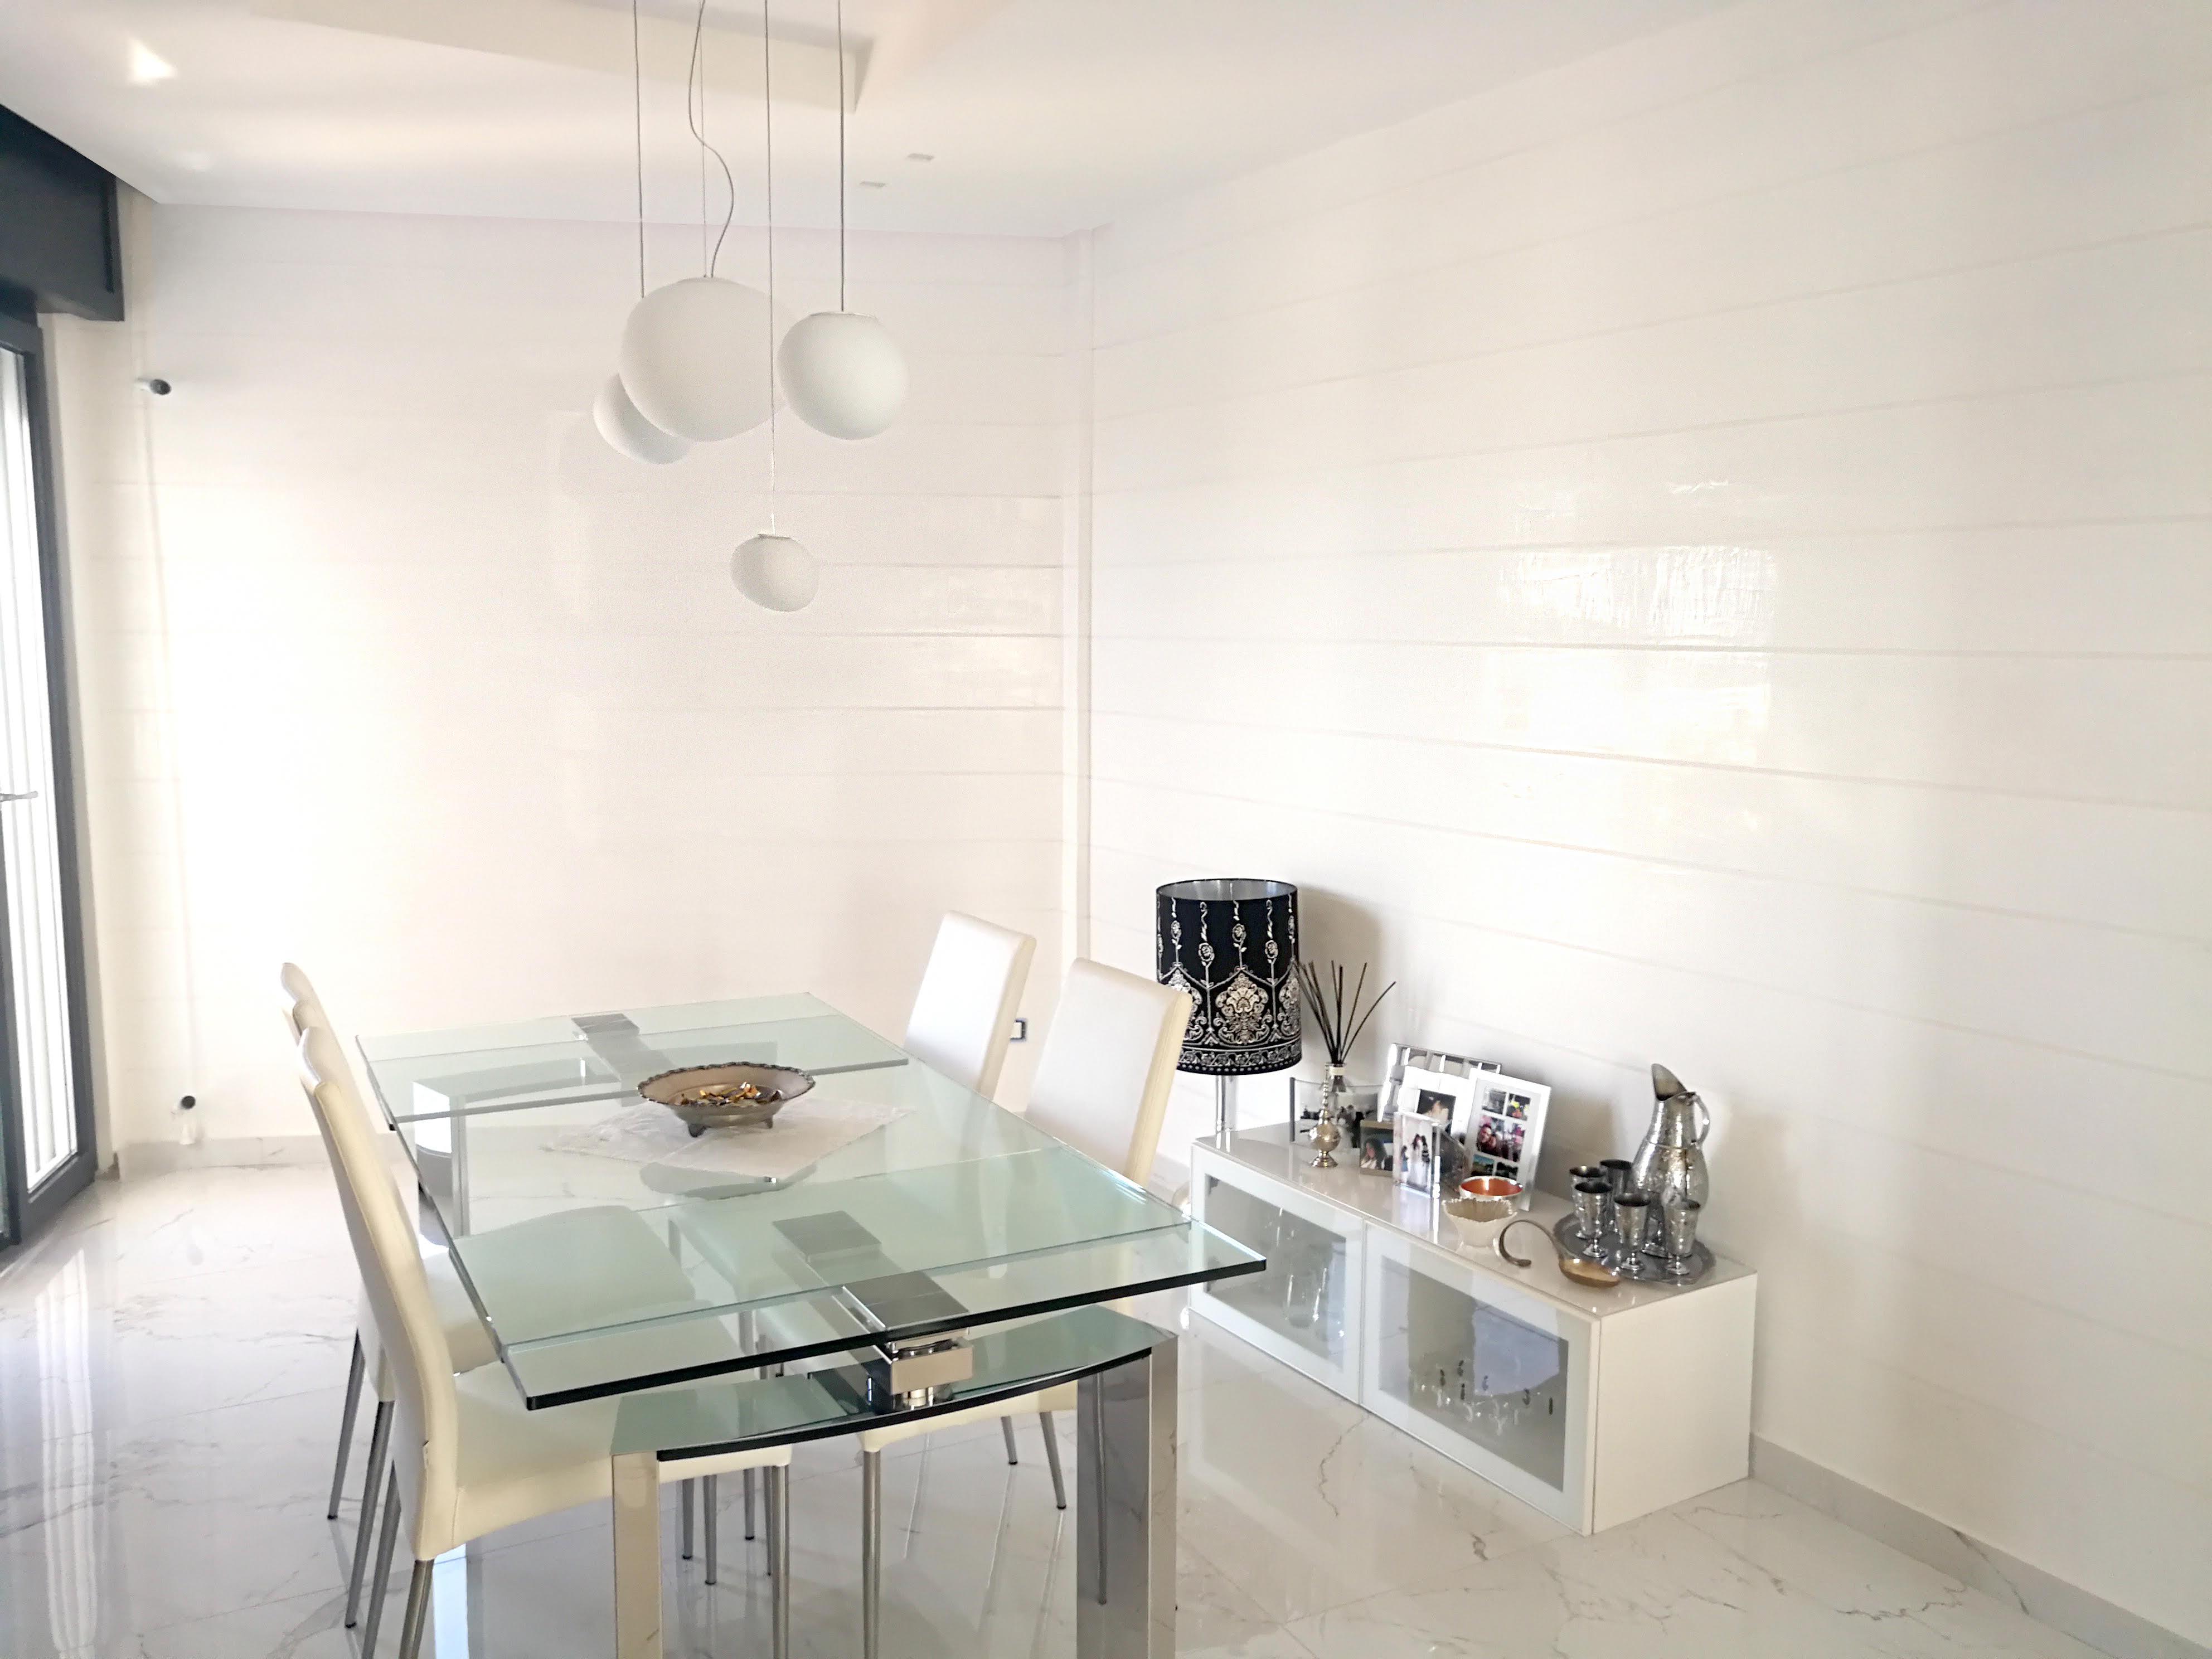 Plasmatore Italiano:Antonio Saccoia creazione decor wall infinito e marmo liquido